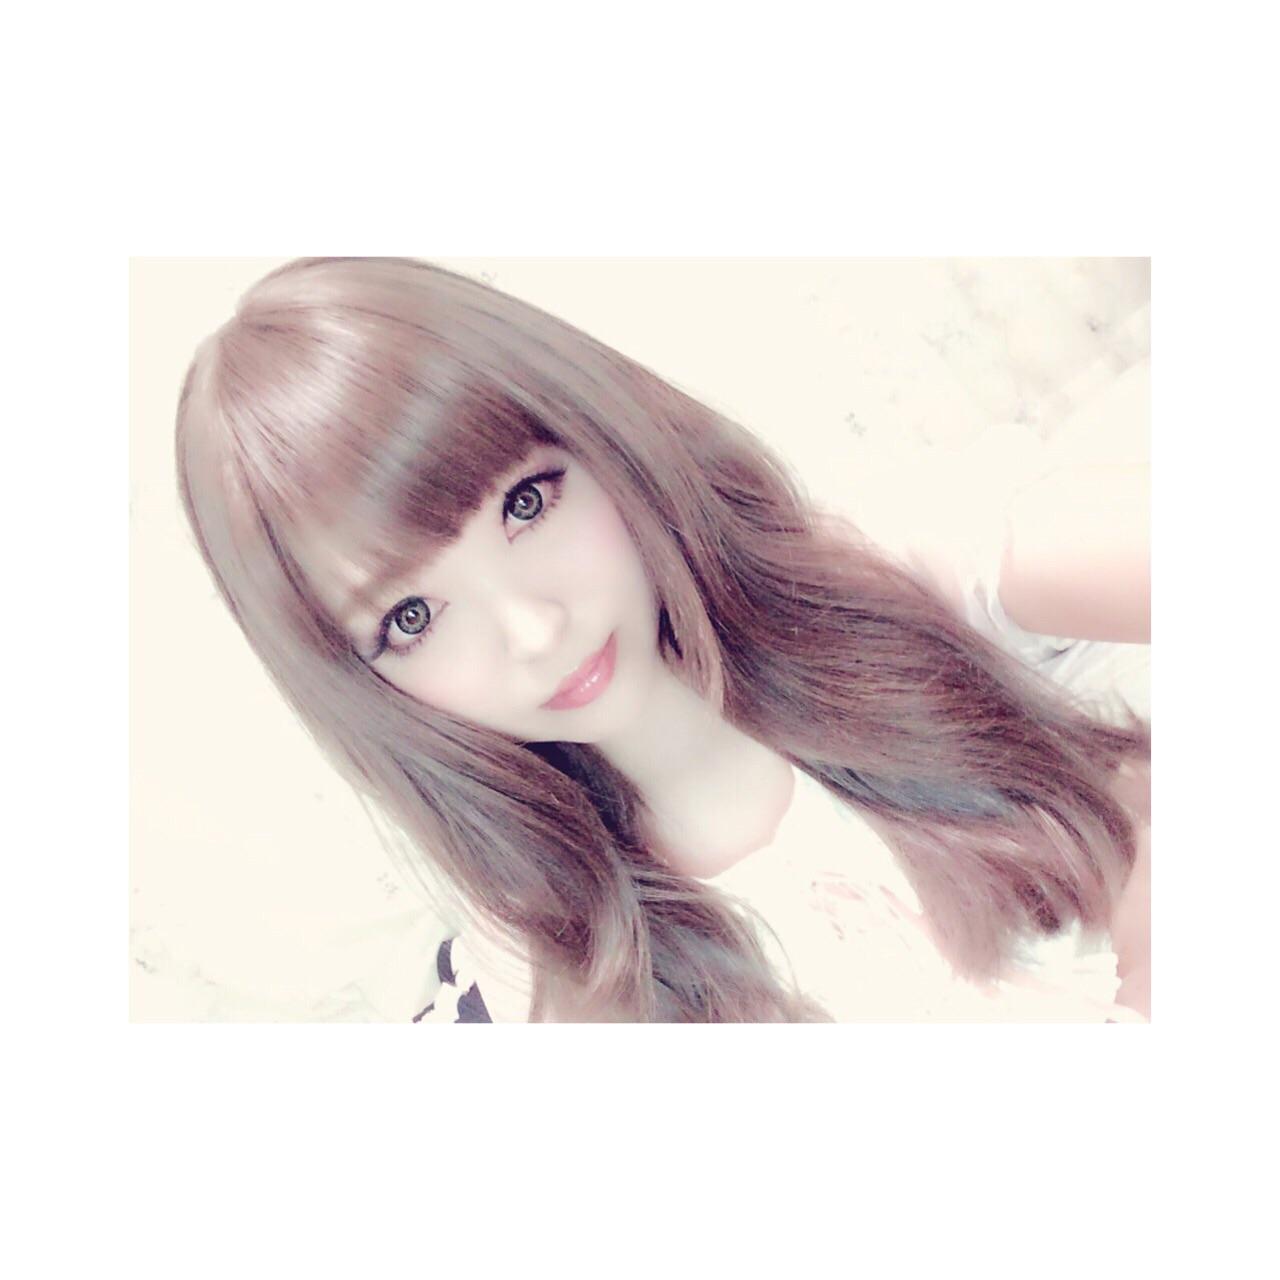 「4.28♡お礼」04/29(04/29) 14:48 | ゆうちゃんの写メ・風俗動画